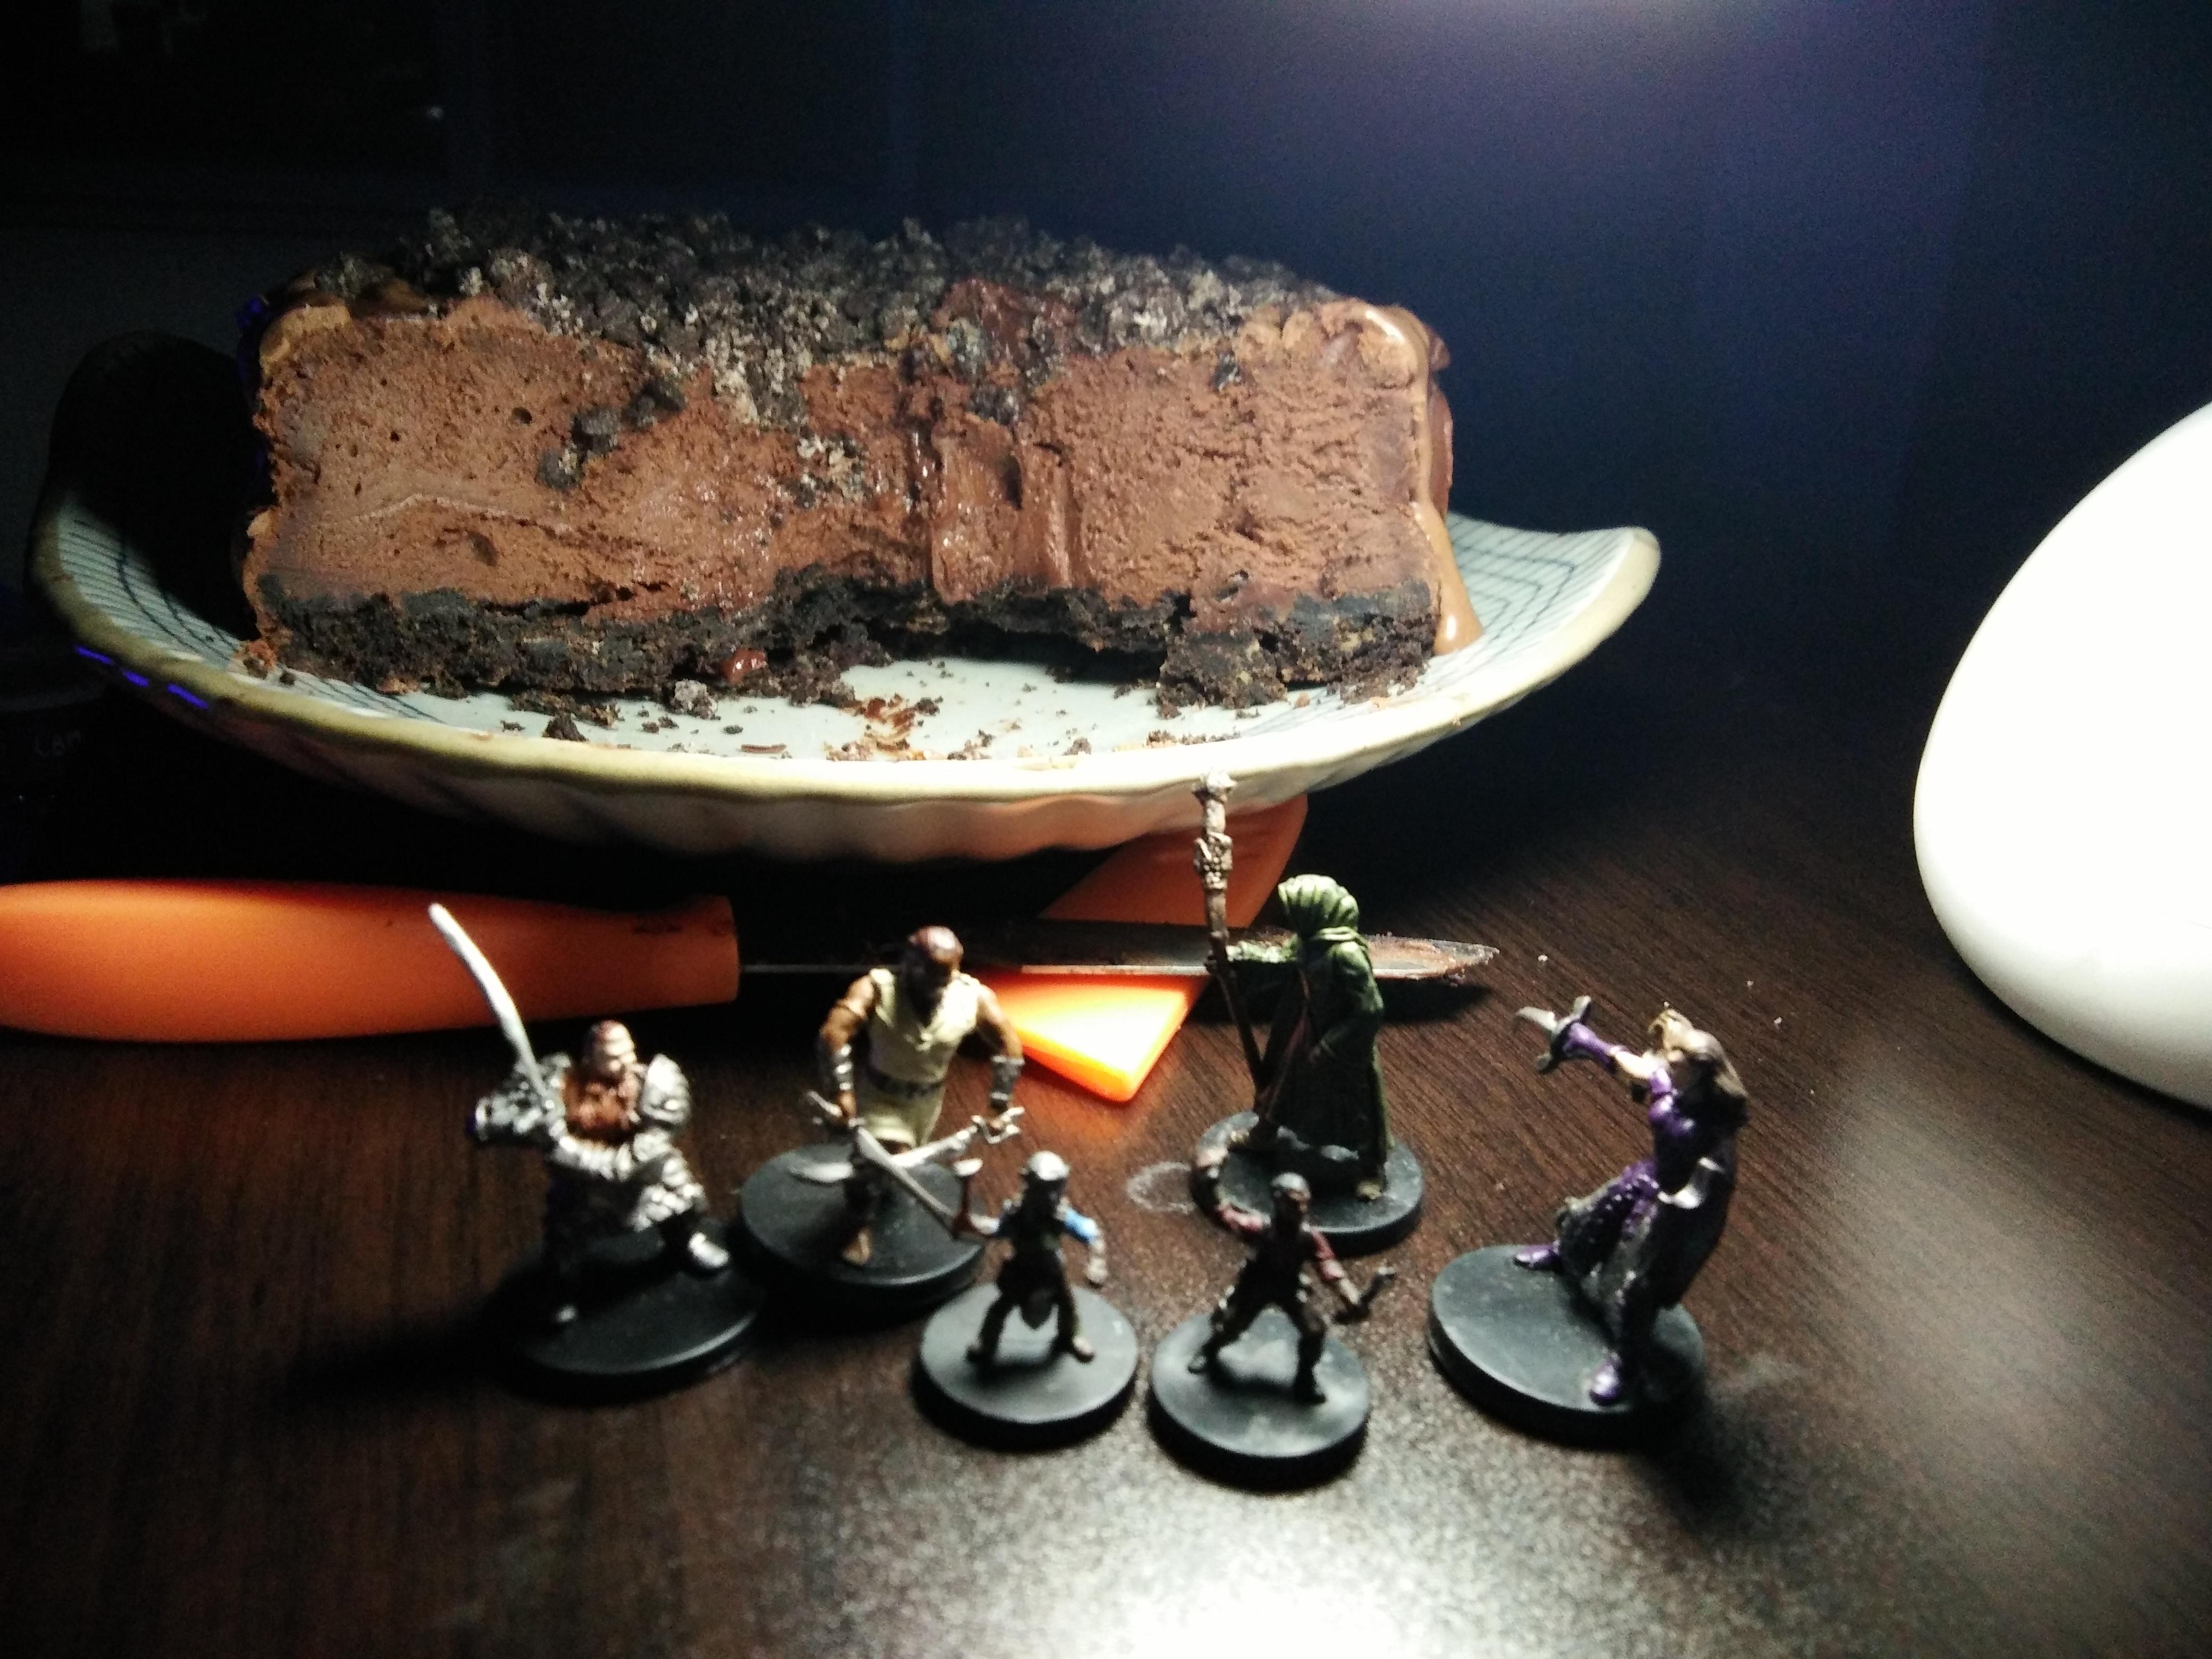 PHILADELPHIA Double-Chocolate Cheesecake LindseyJ